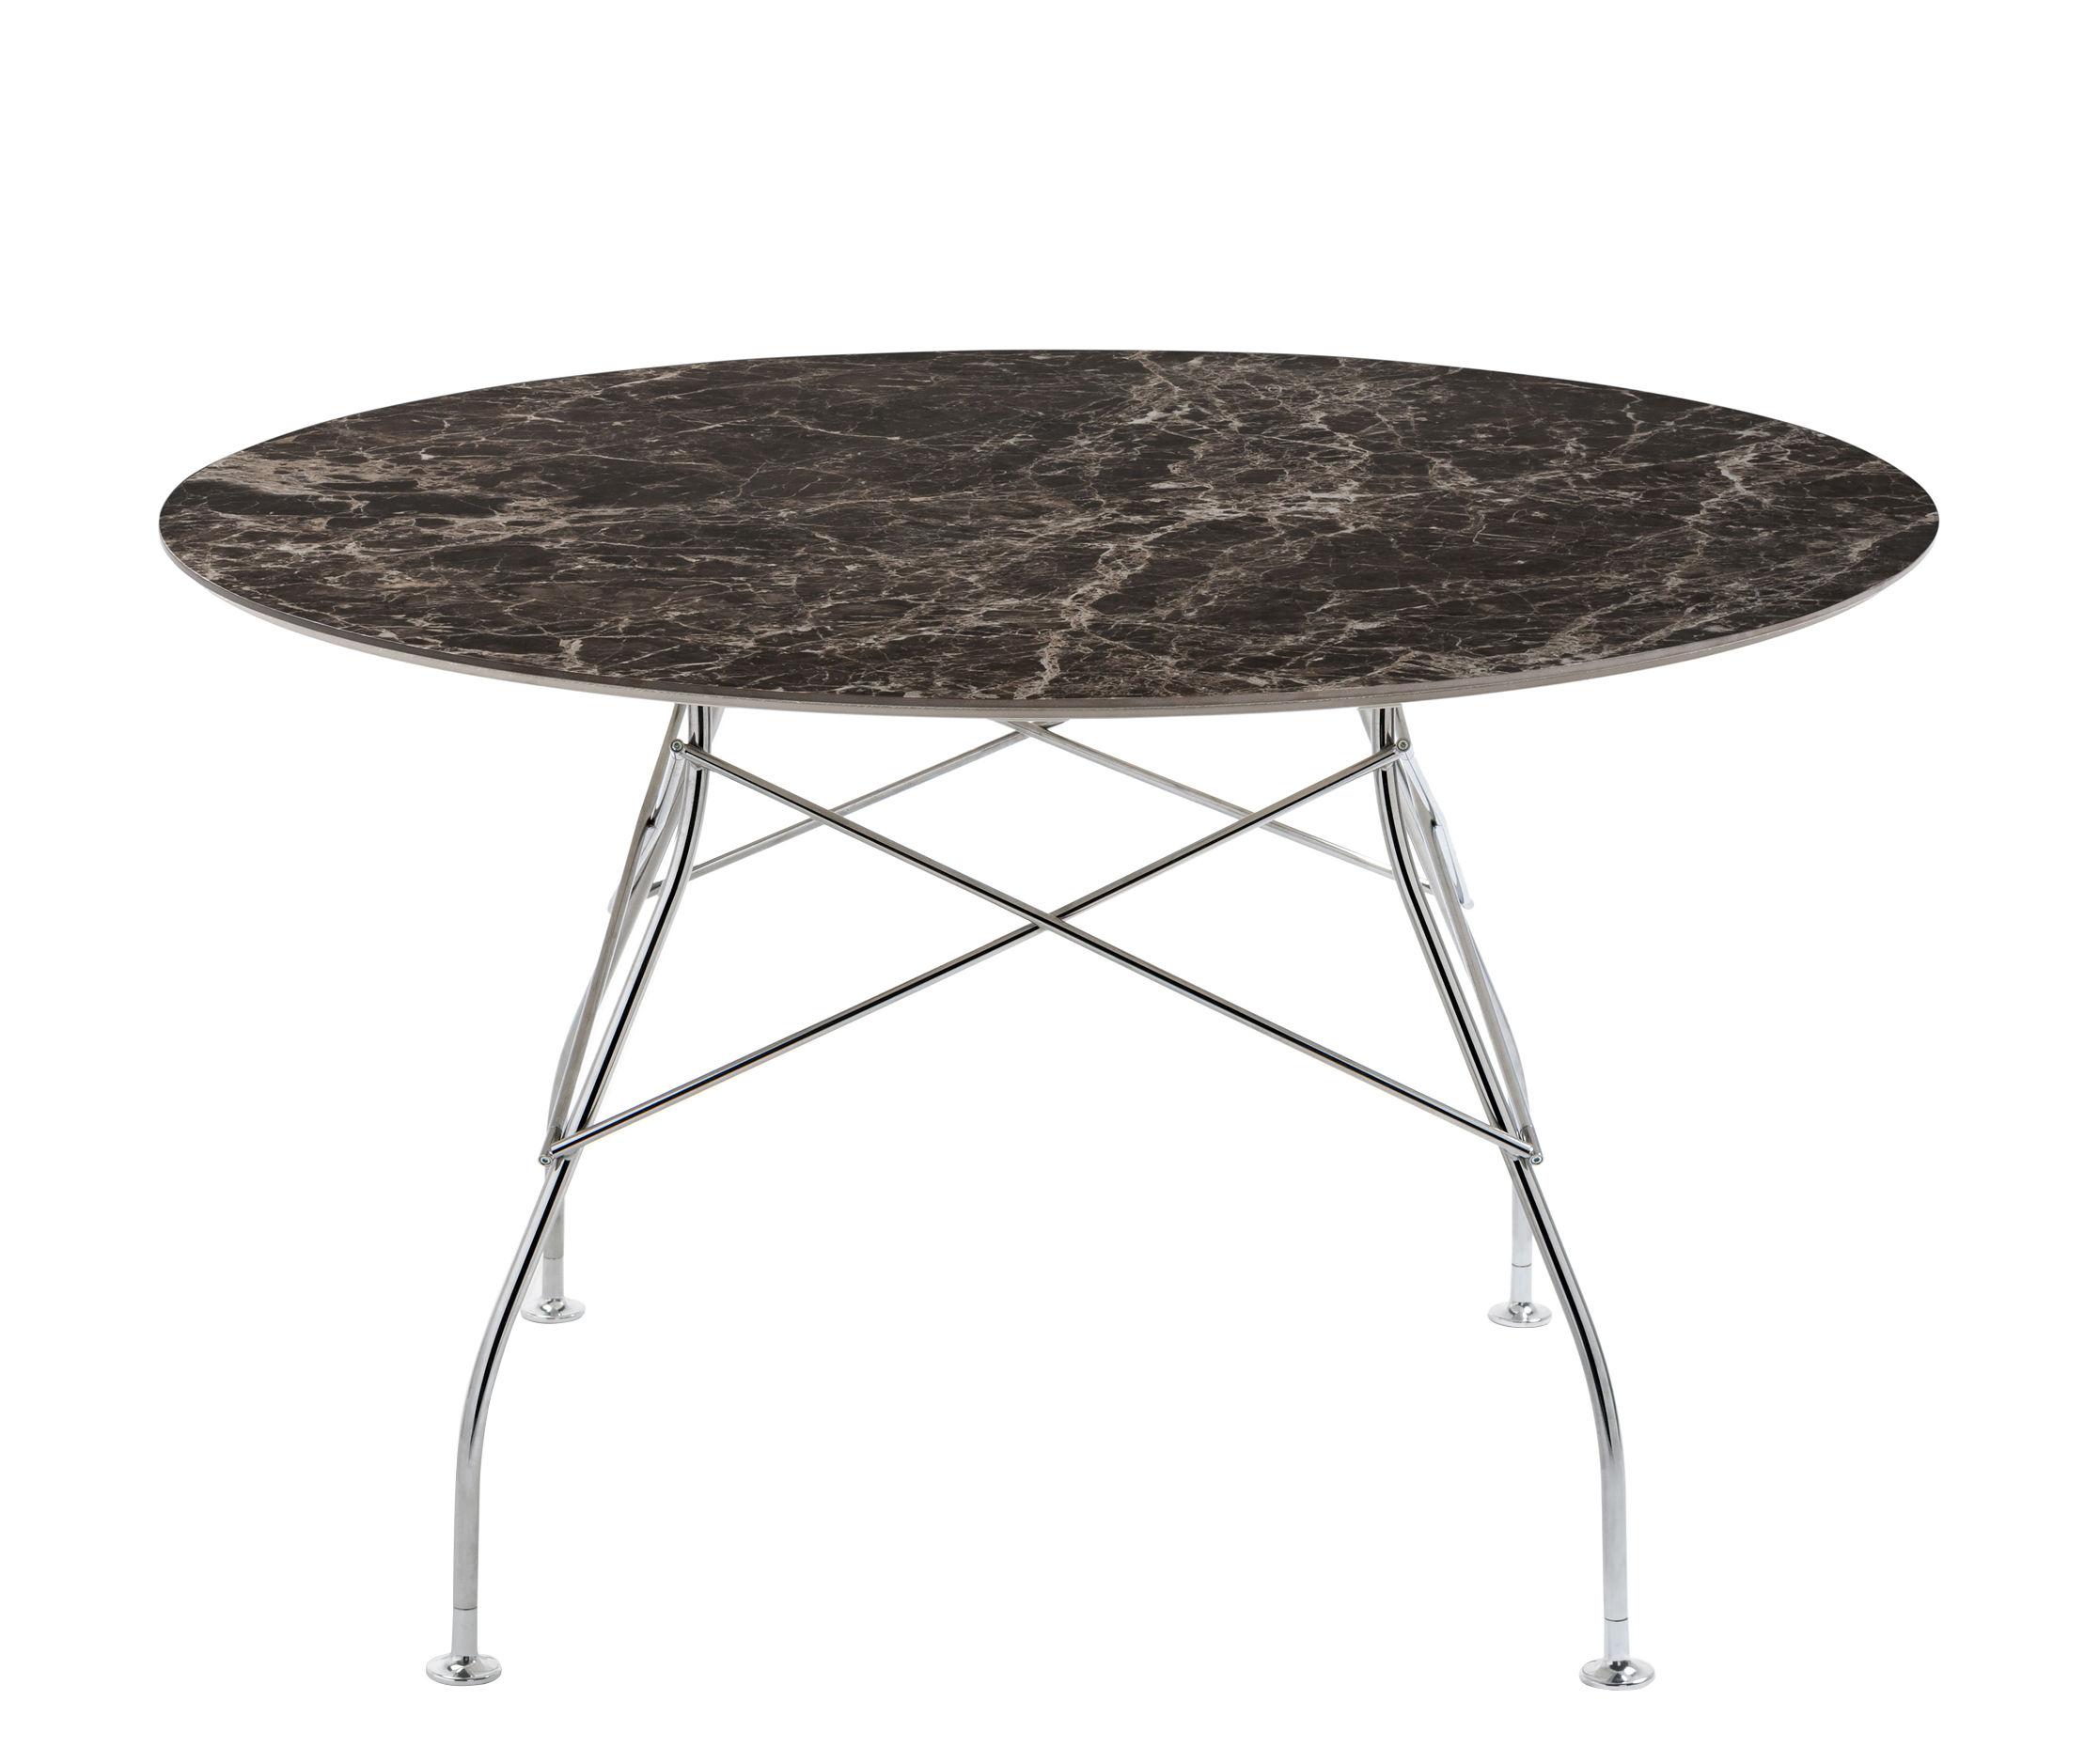 Arredamento - Tavoli - Tavolo rotondo Glossy Marble - / Ø 128 cm - Grès effetto marmo di Kartell - Marrone / Piede cromato - Acciaio cromato, Grès effet marbre